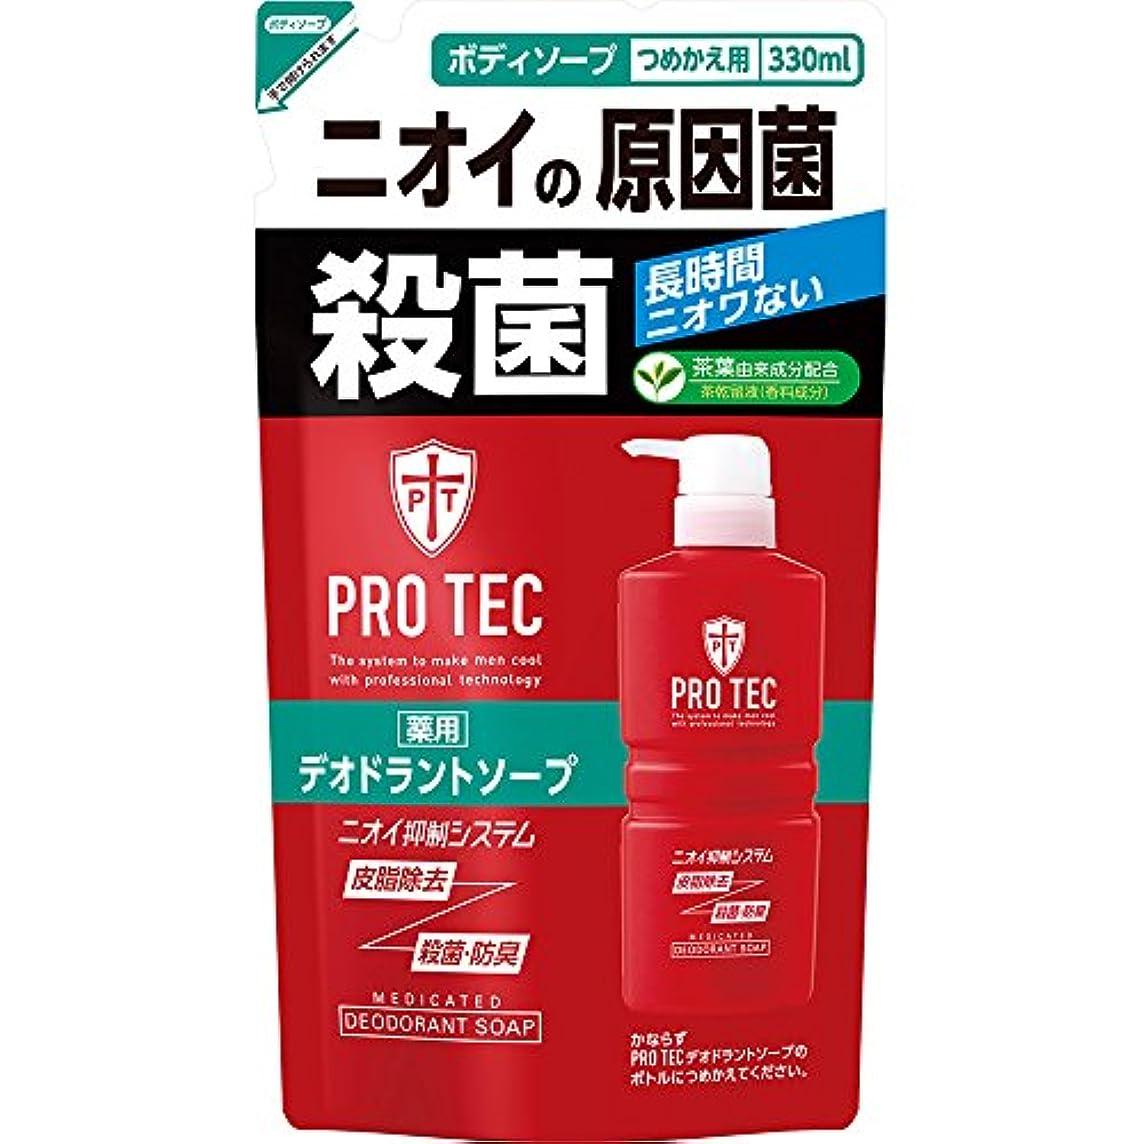 国旗余暇きょうだいPRO TEC(プロテク) デオドラントソープ 詰め替え 330ml(医薬部外品)